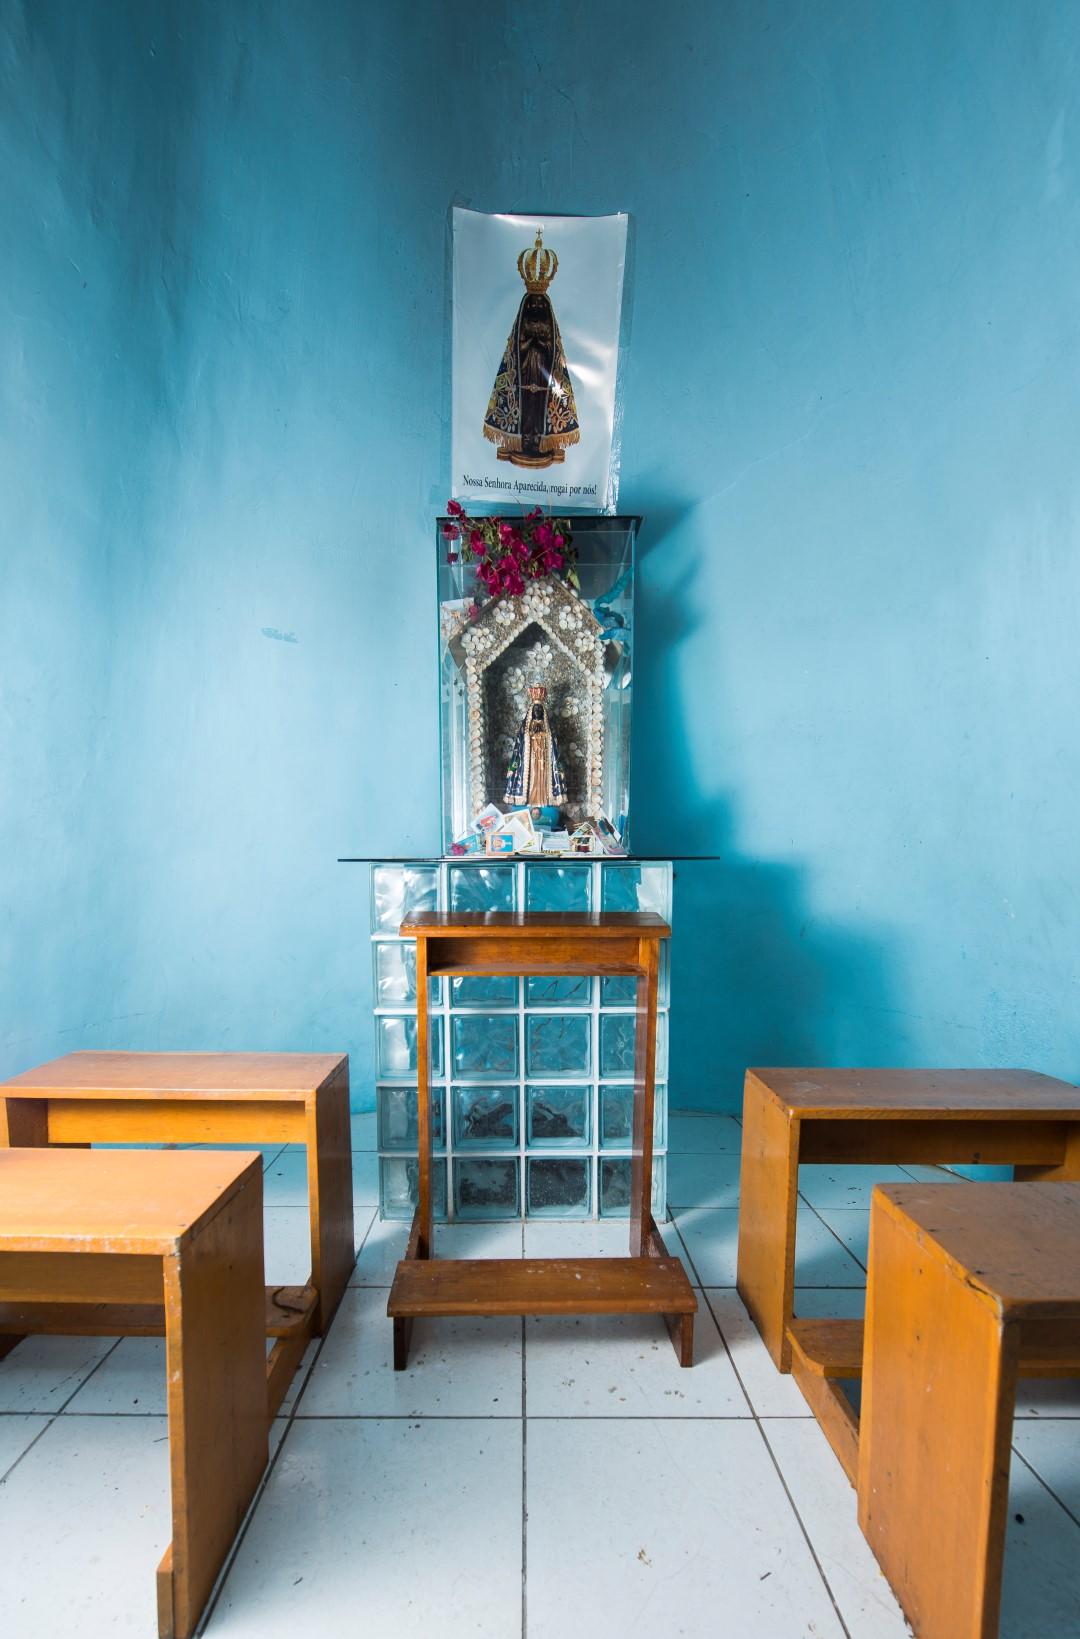 Detalhe interno da capela. Foto: Letícia Akemi / Gazeta do Povo.